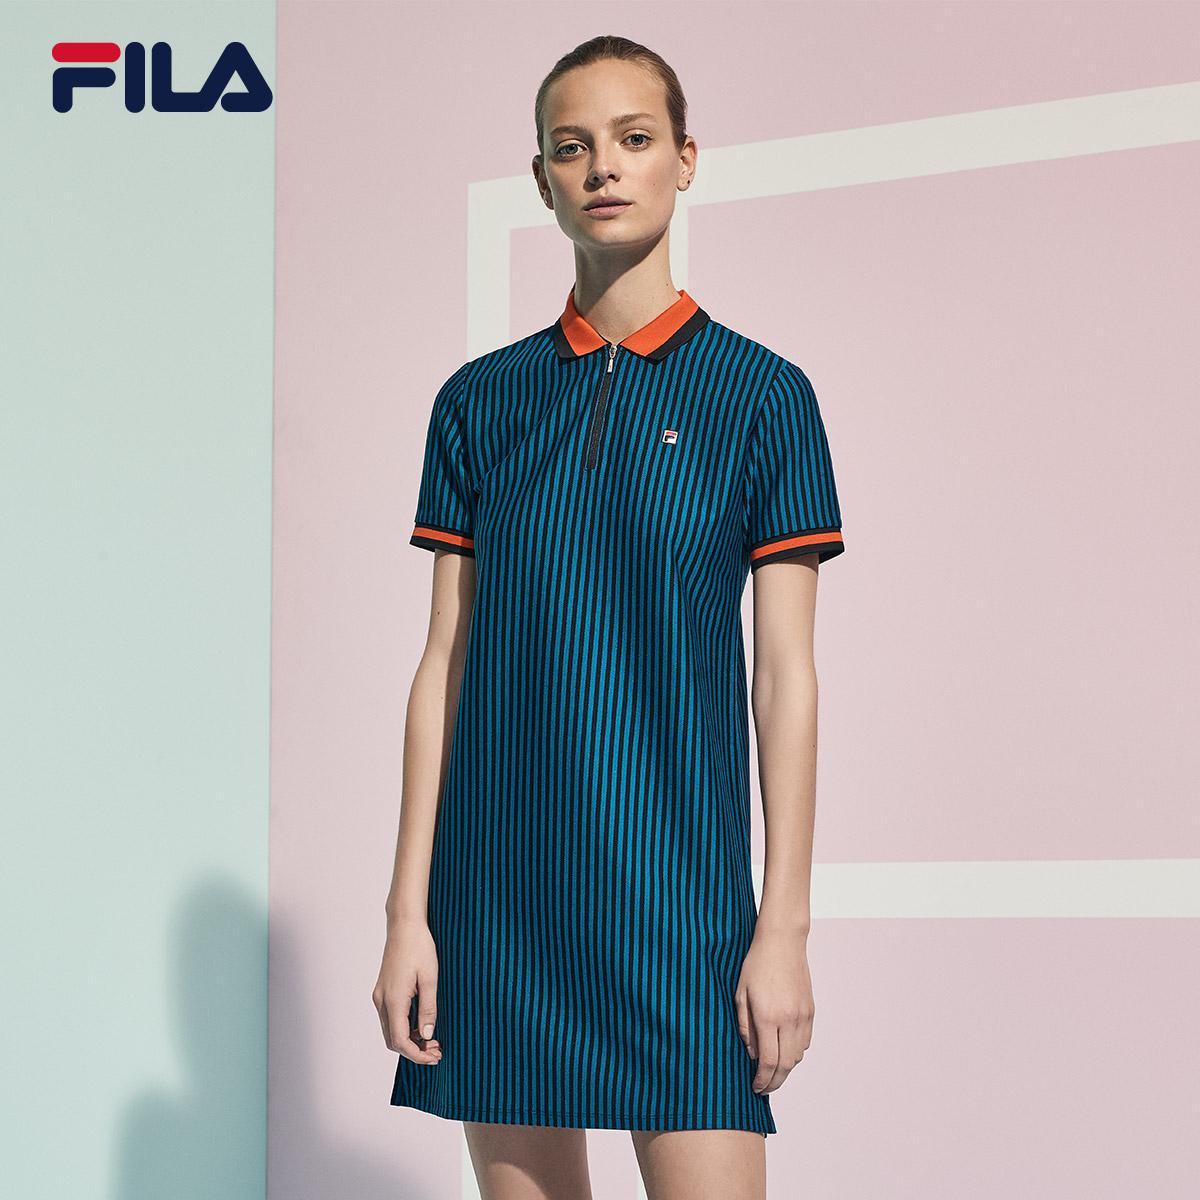 Lấy FILA Fila nữ ăn mặc đồng thương hiệu mùa xuân mới thể thao váy nữ | 26736204